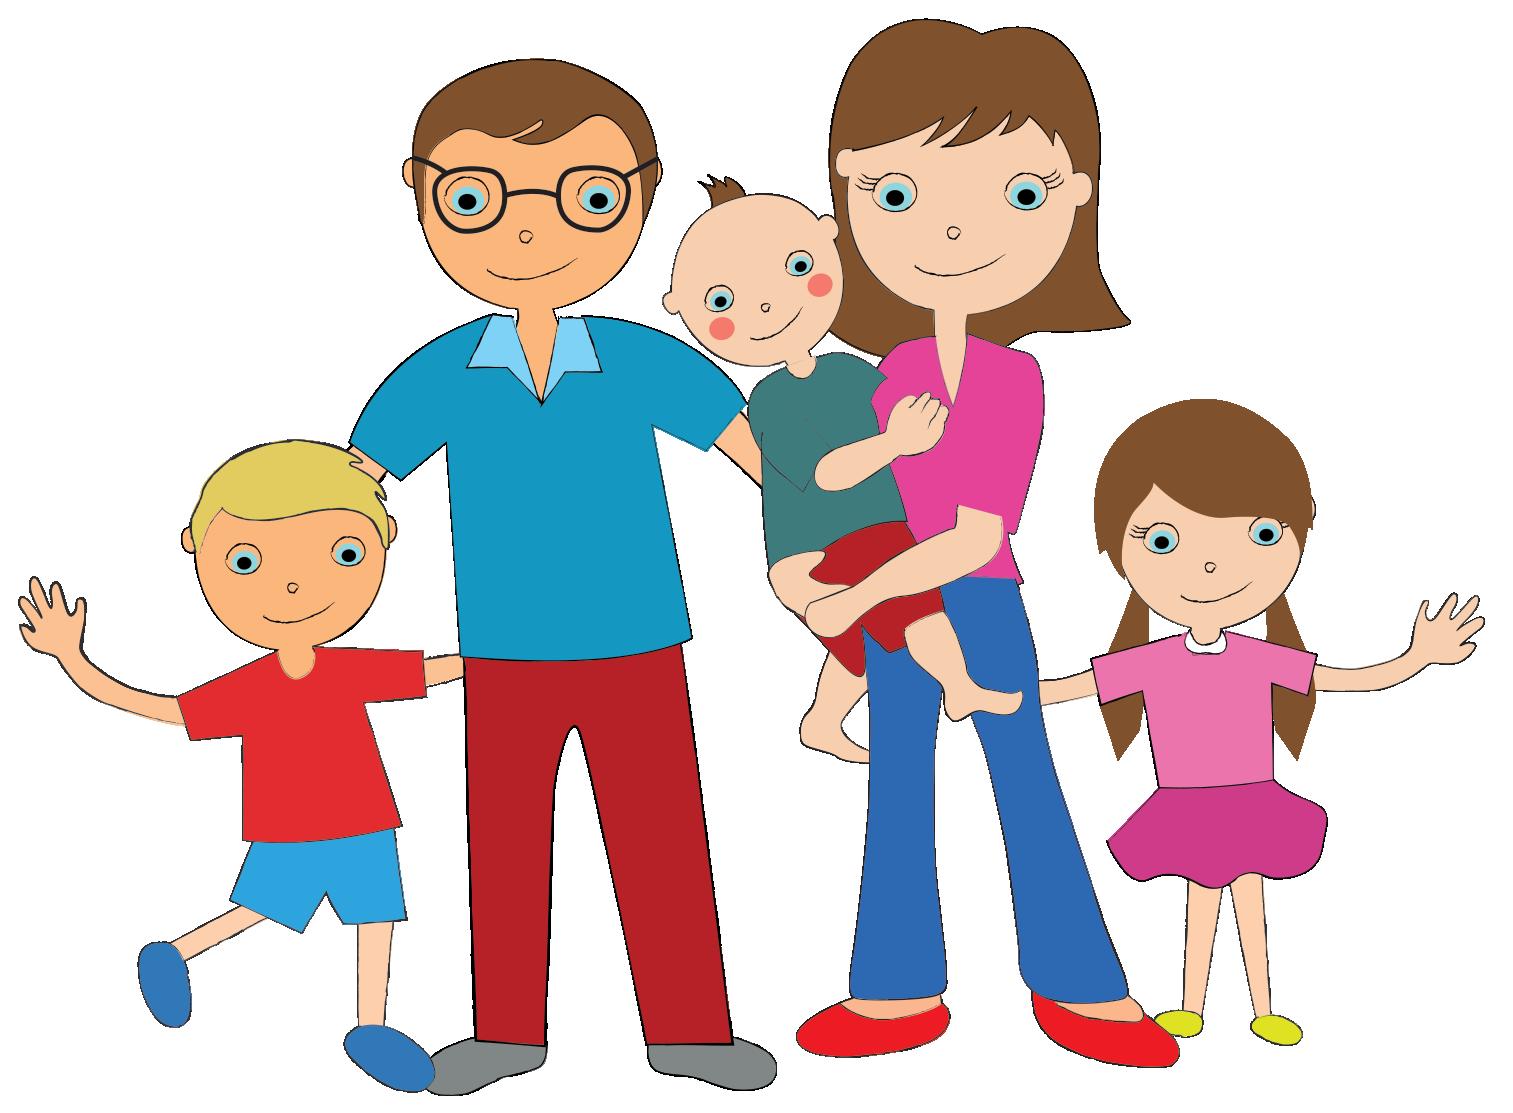 Мультяшные картинки семьи, мамы ребенком смешные